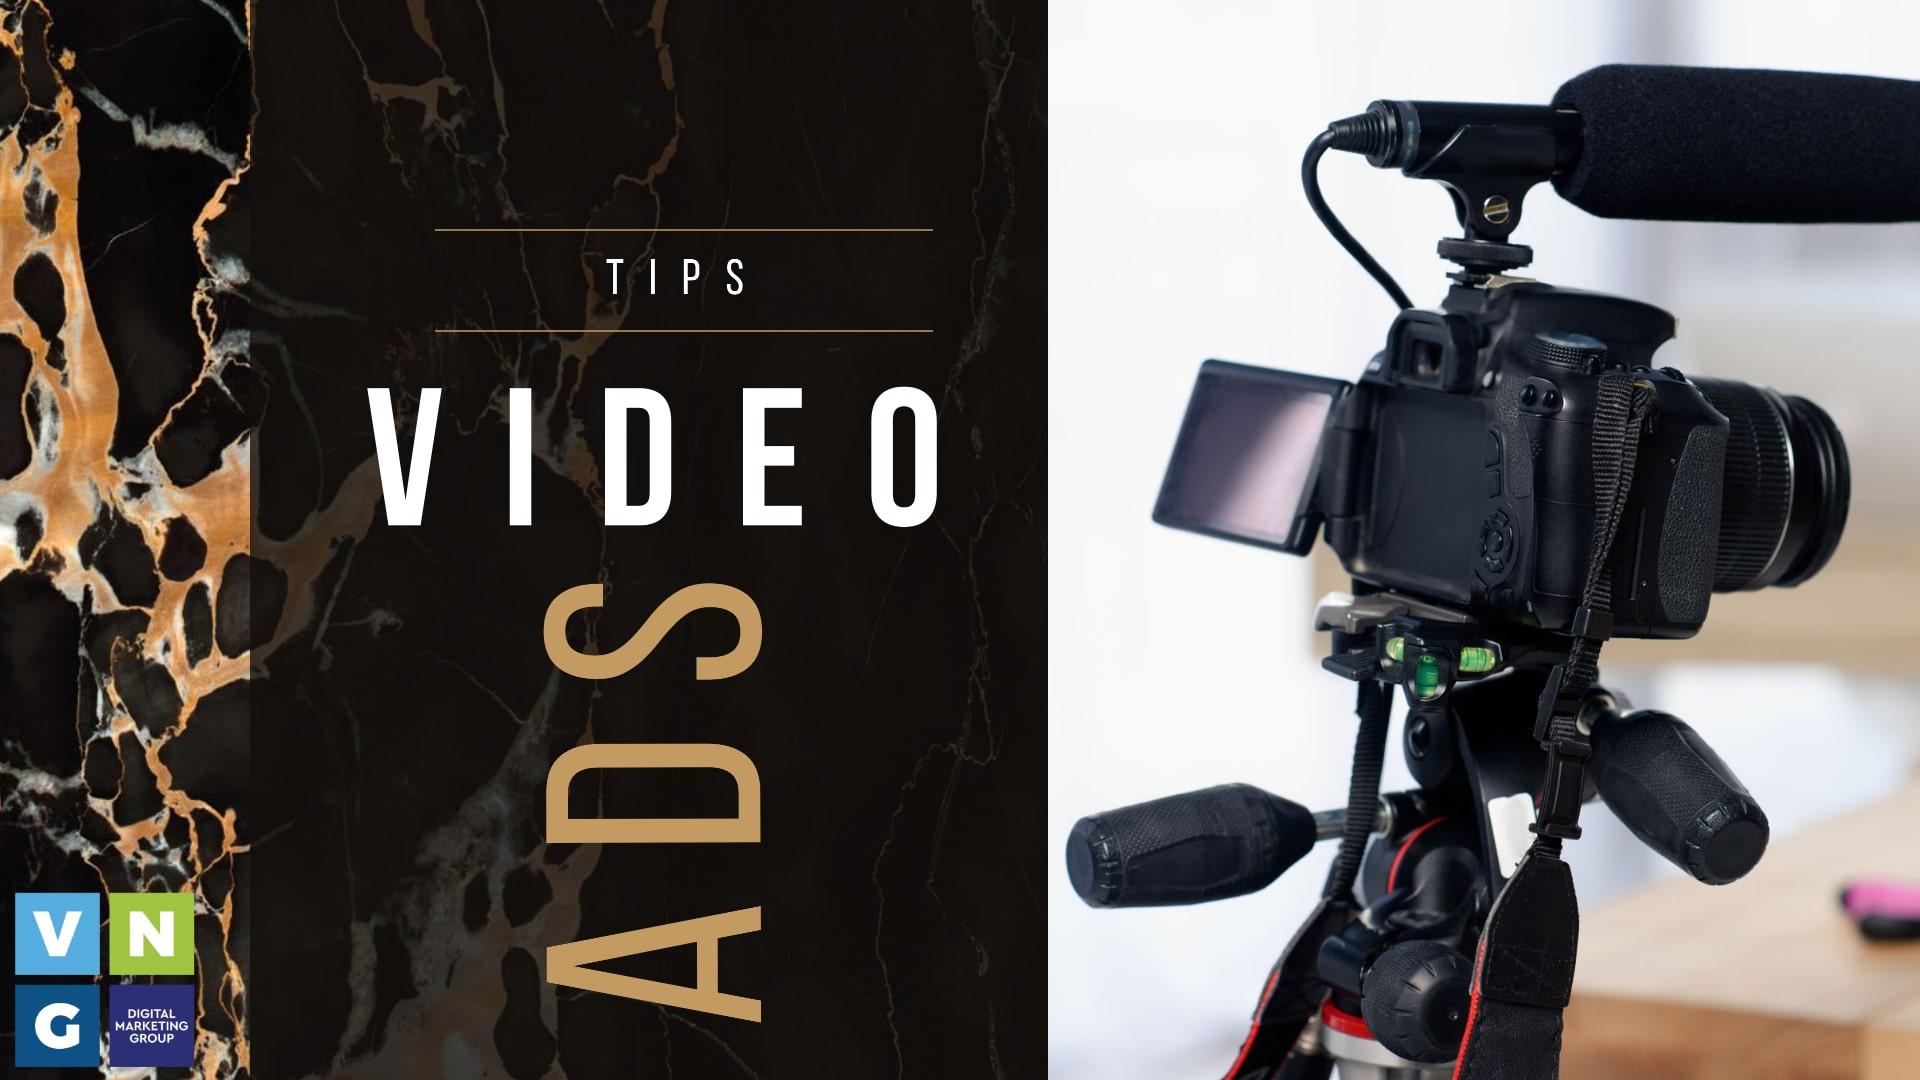 διαφήμιση με βίντεο